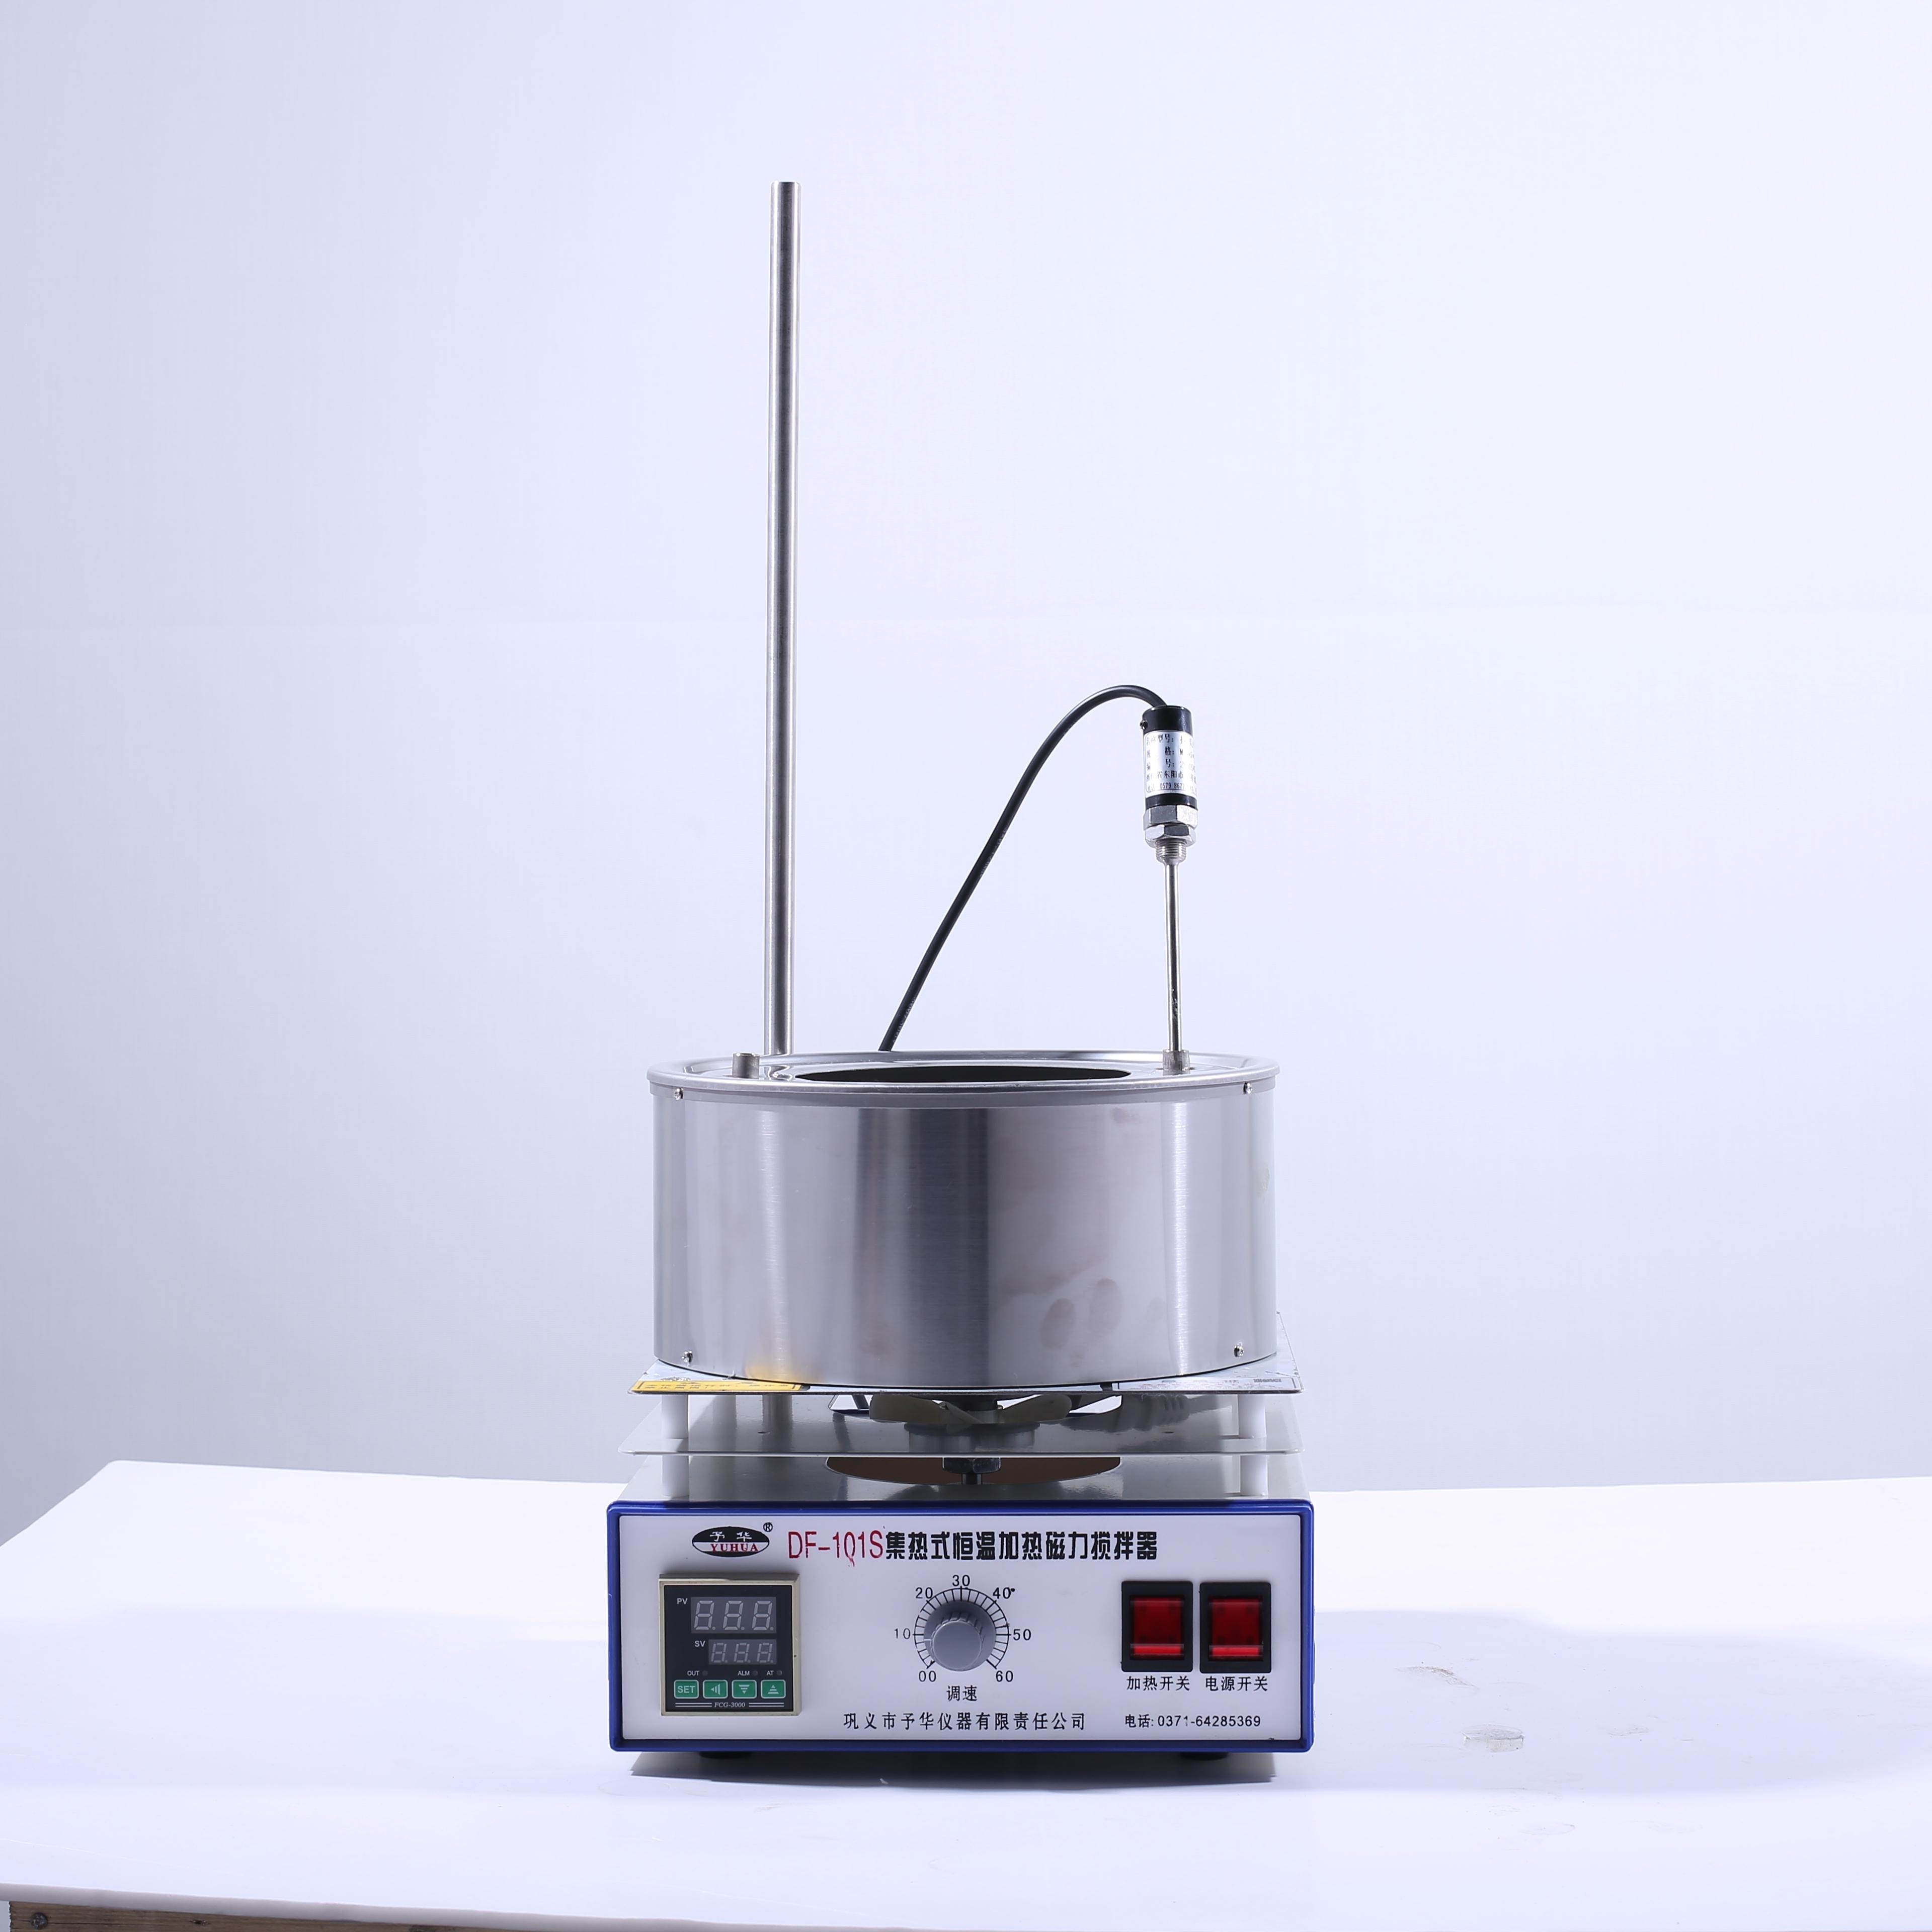 河南平板加热搅拌器加热速度快温度高